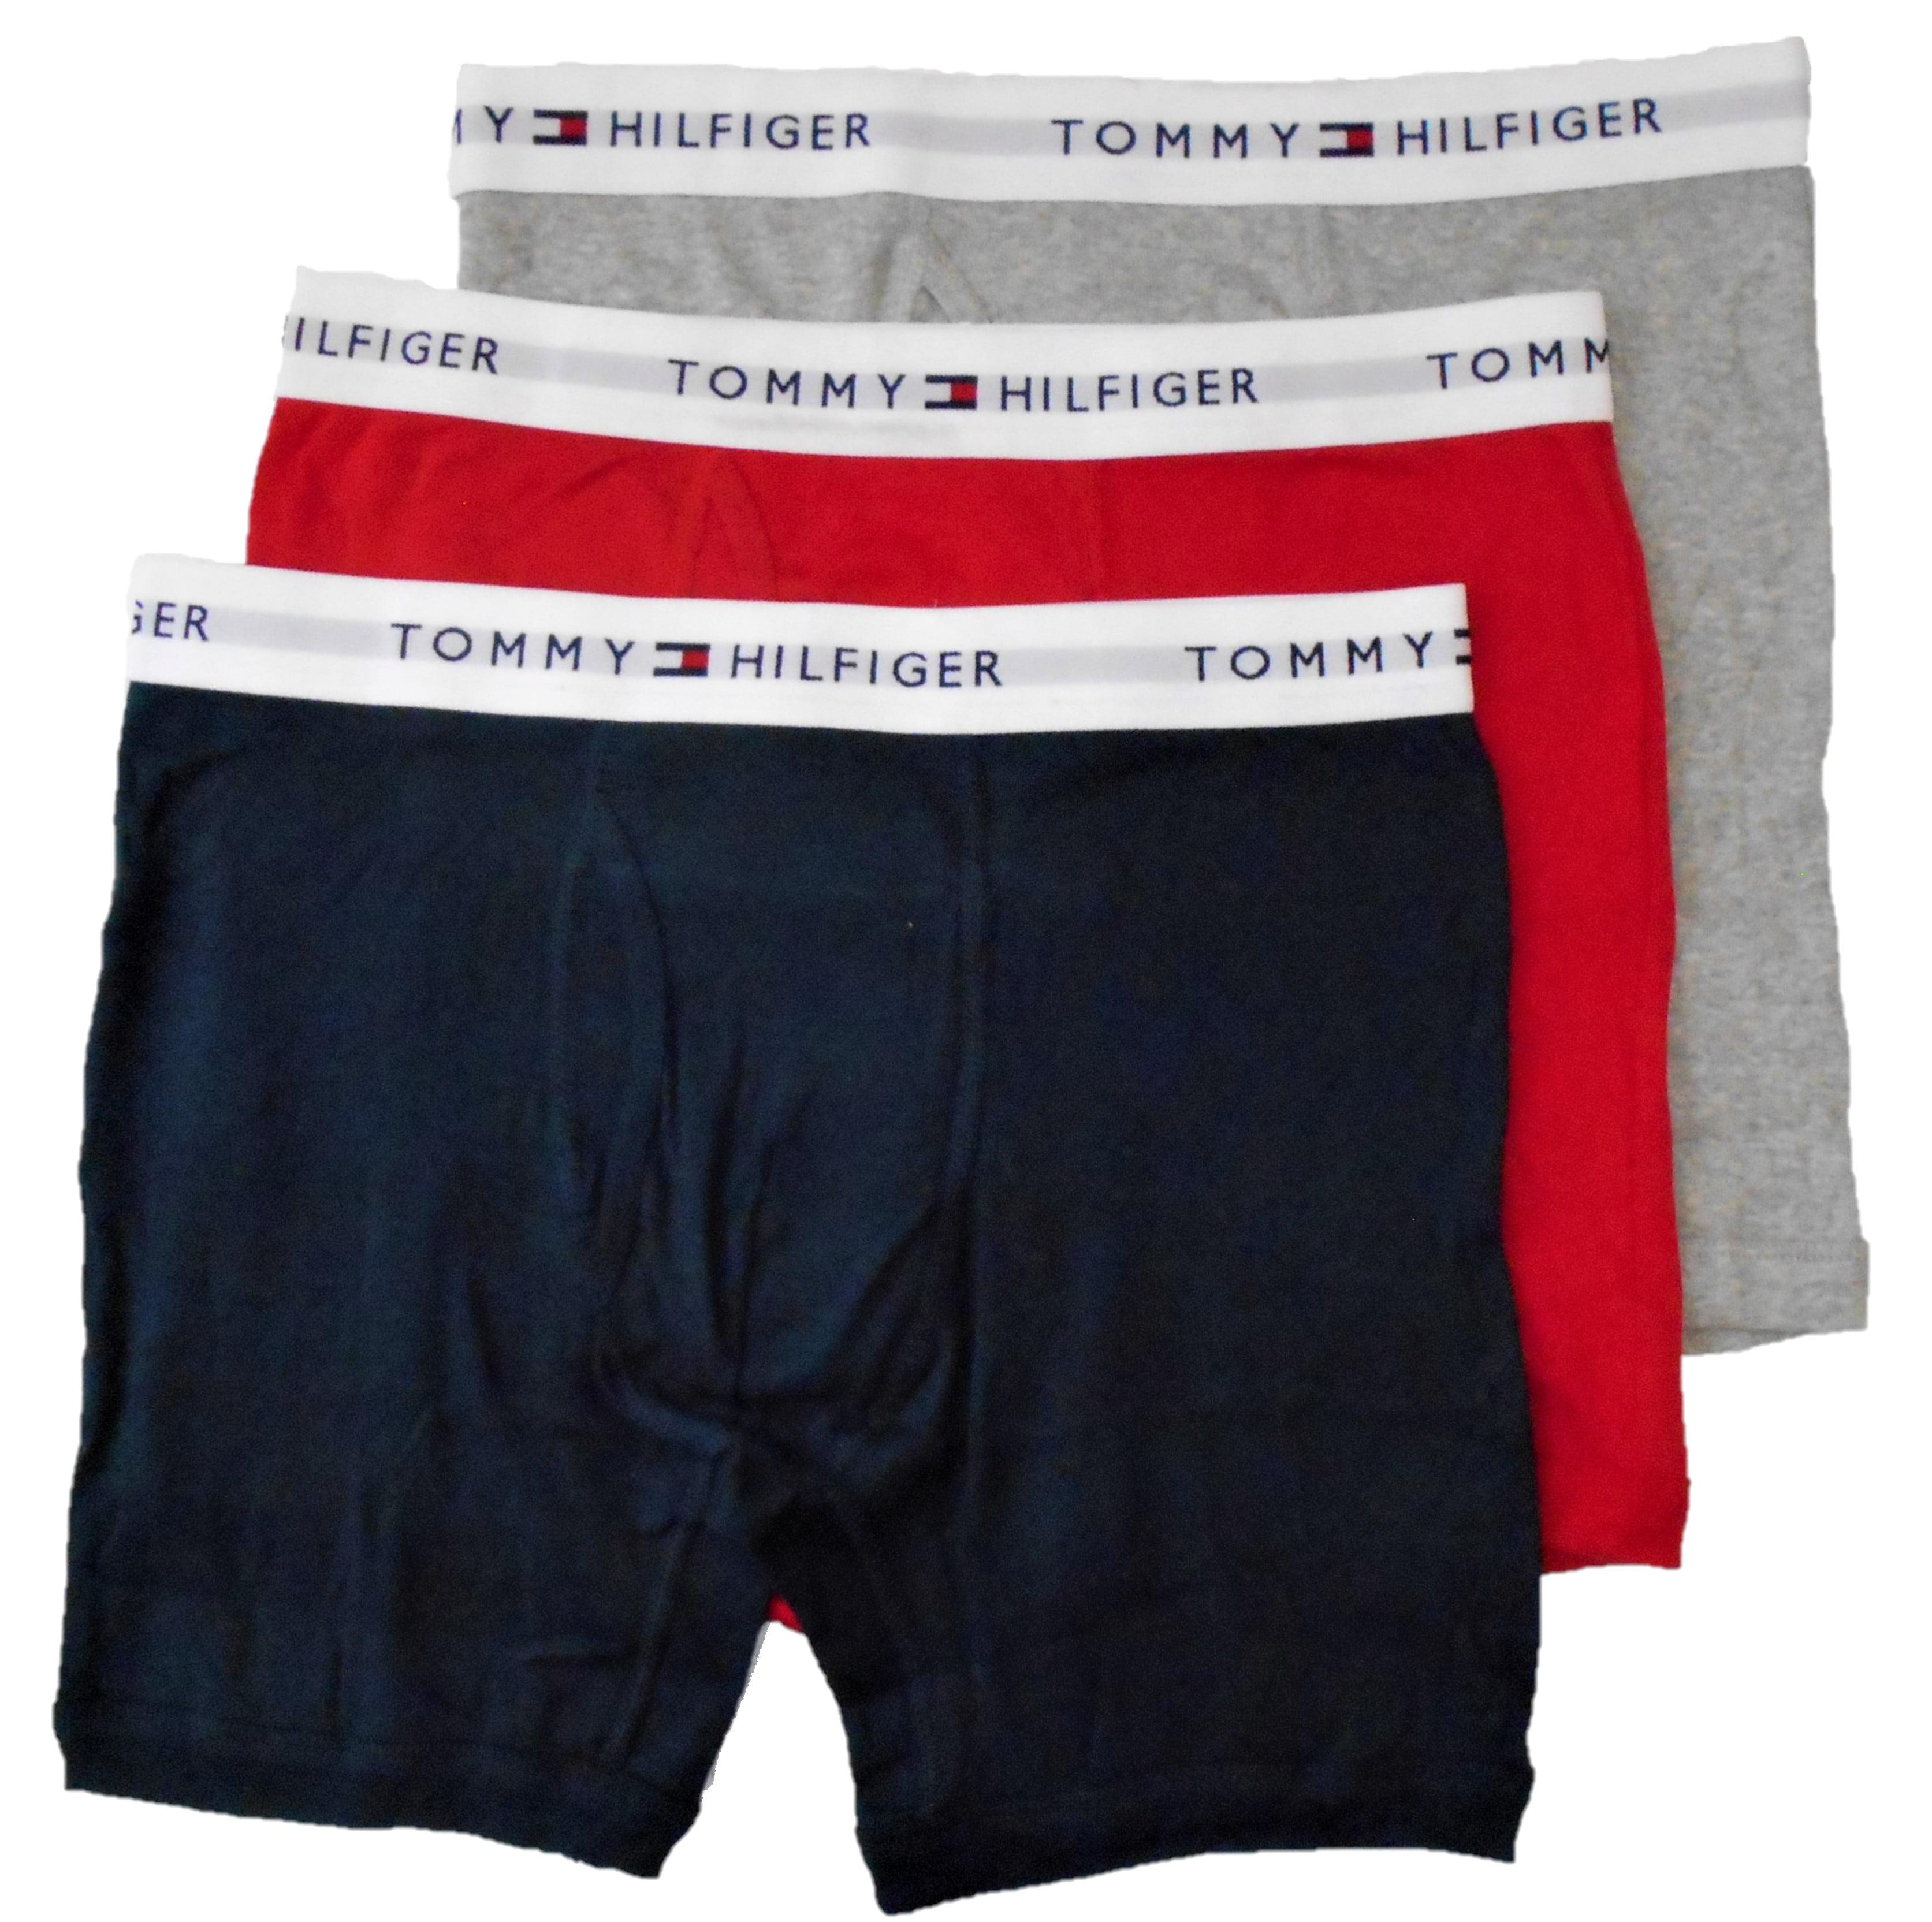 Tommy Hilfiger Herren Boxershorts 3er pack M